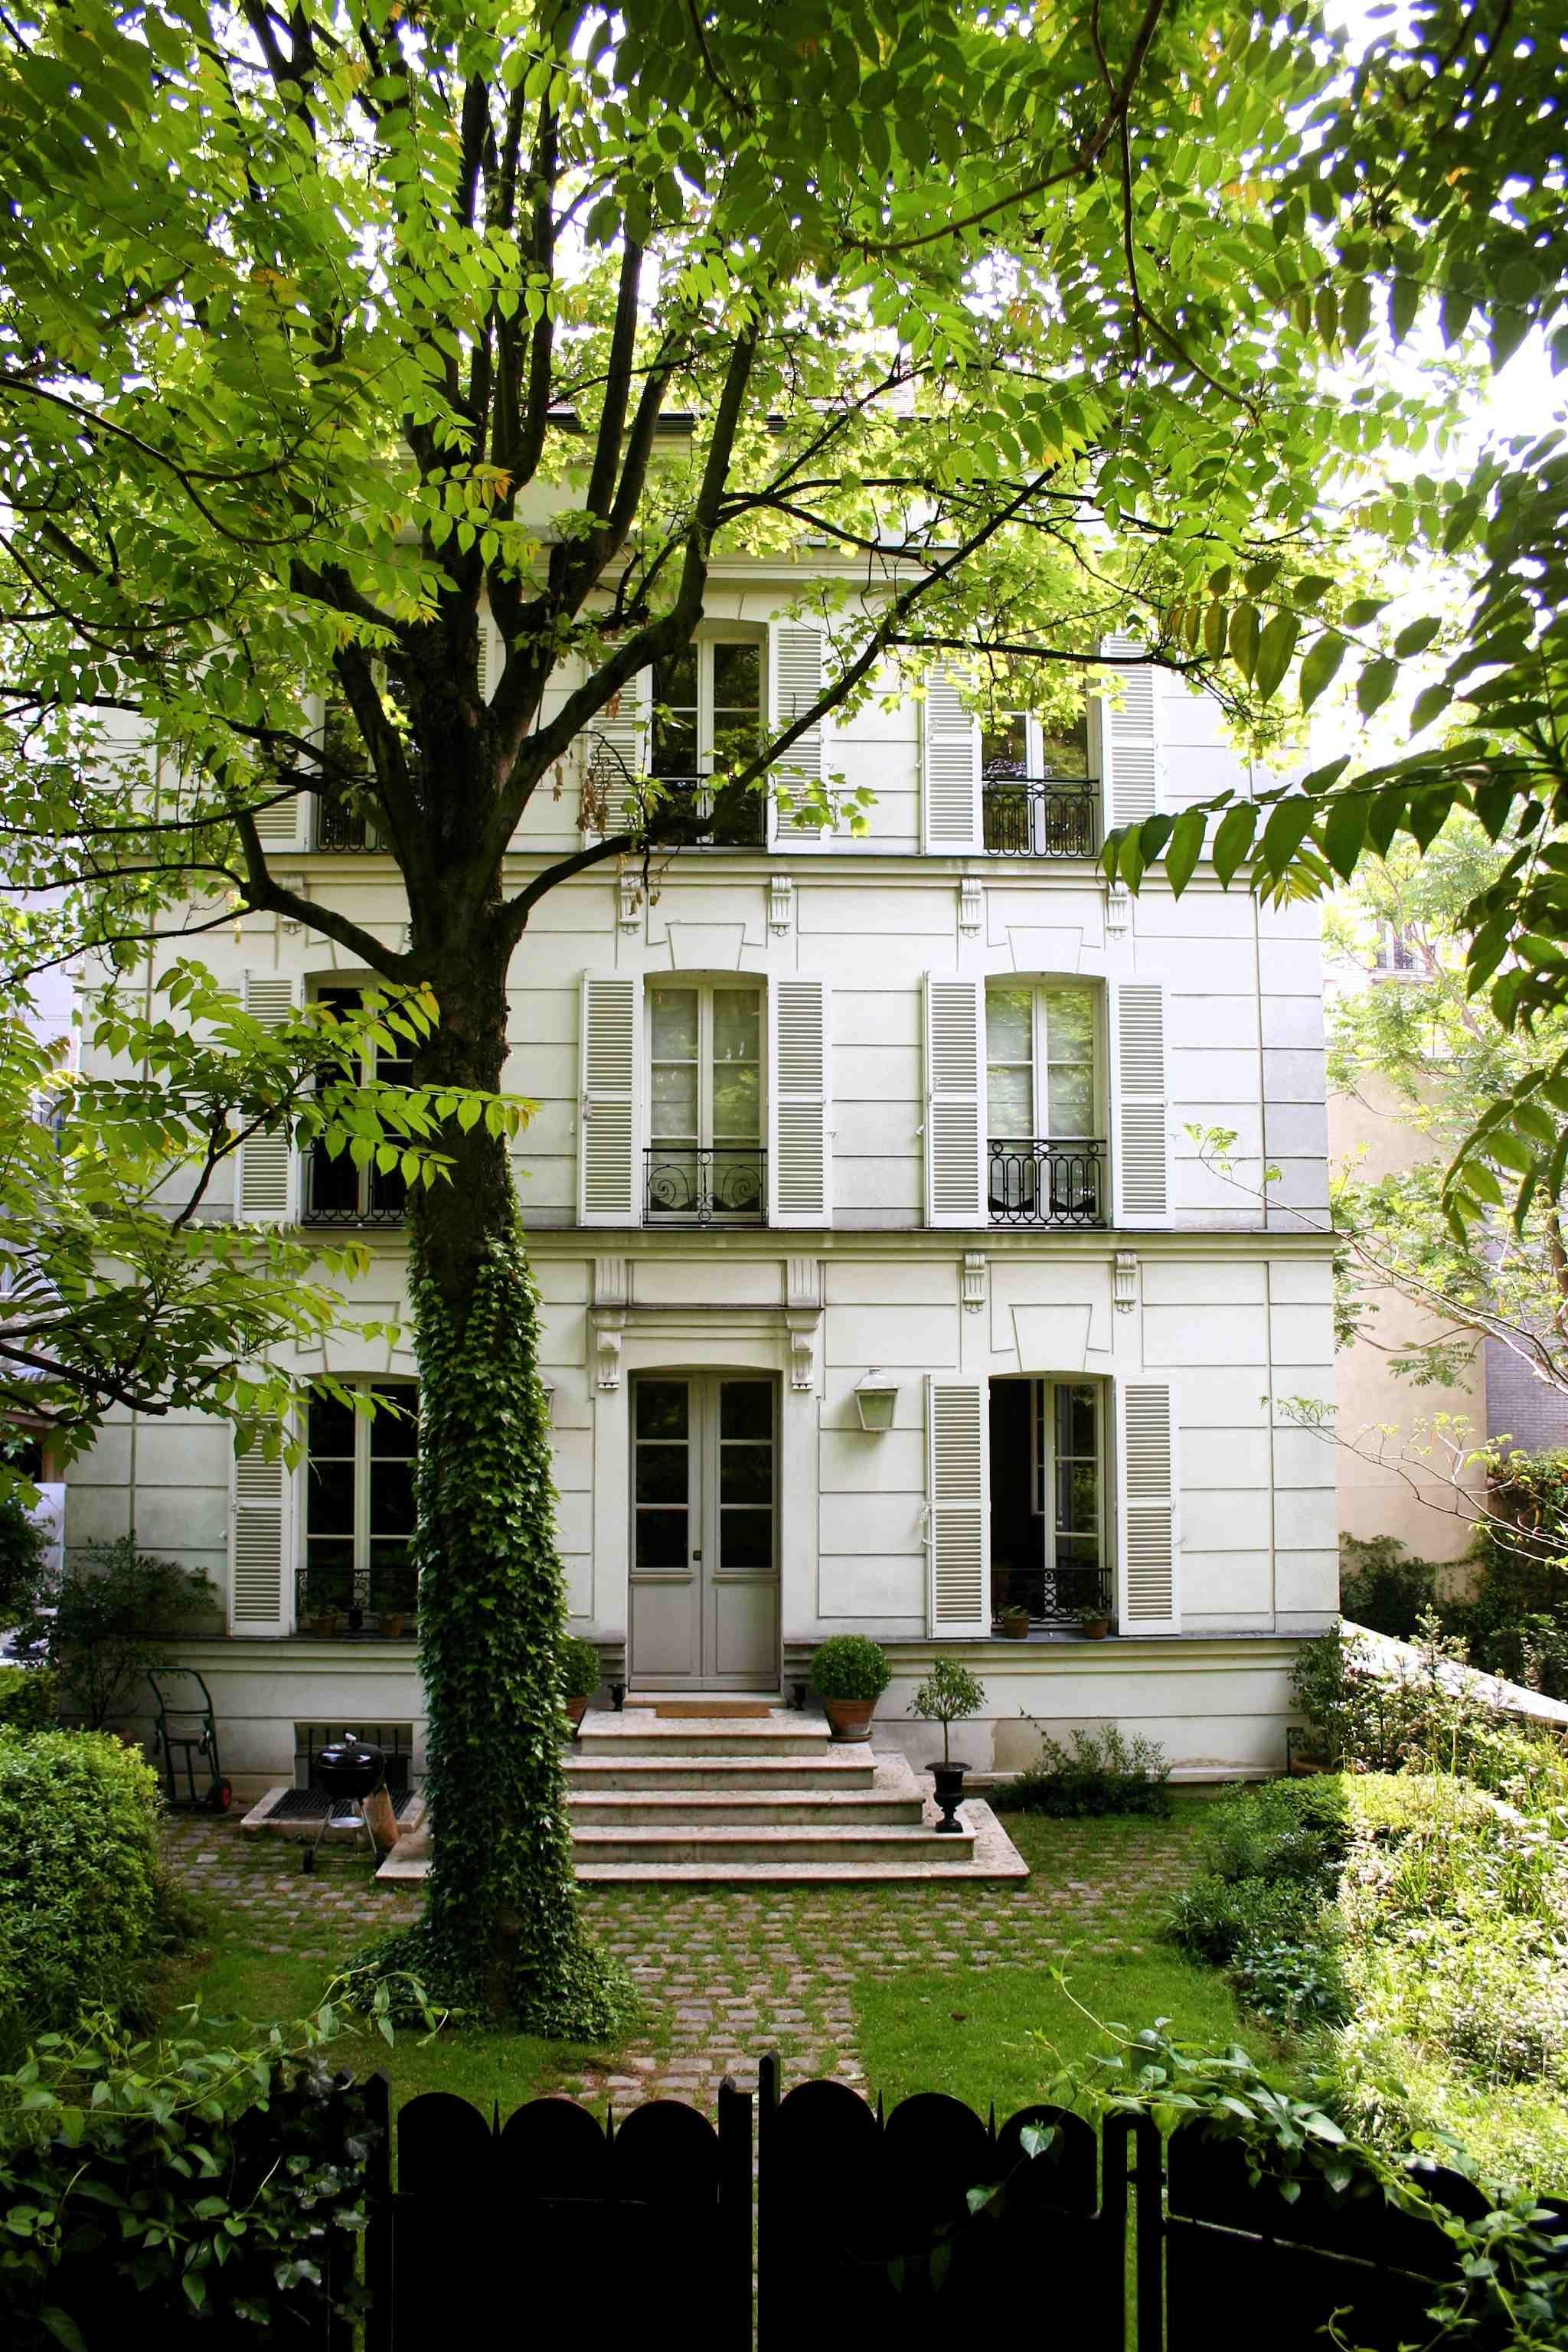 Montmartre The Hotel Particulier 23 Avenue Junot Pavillon D Paris XVIII